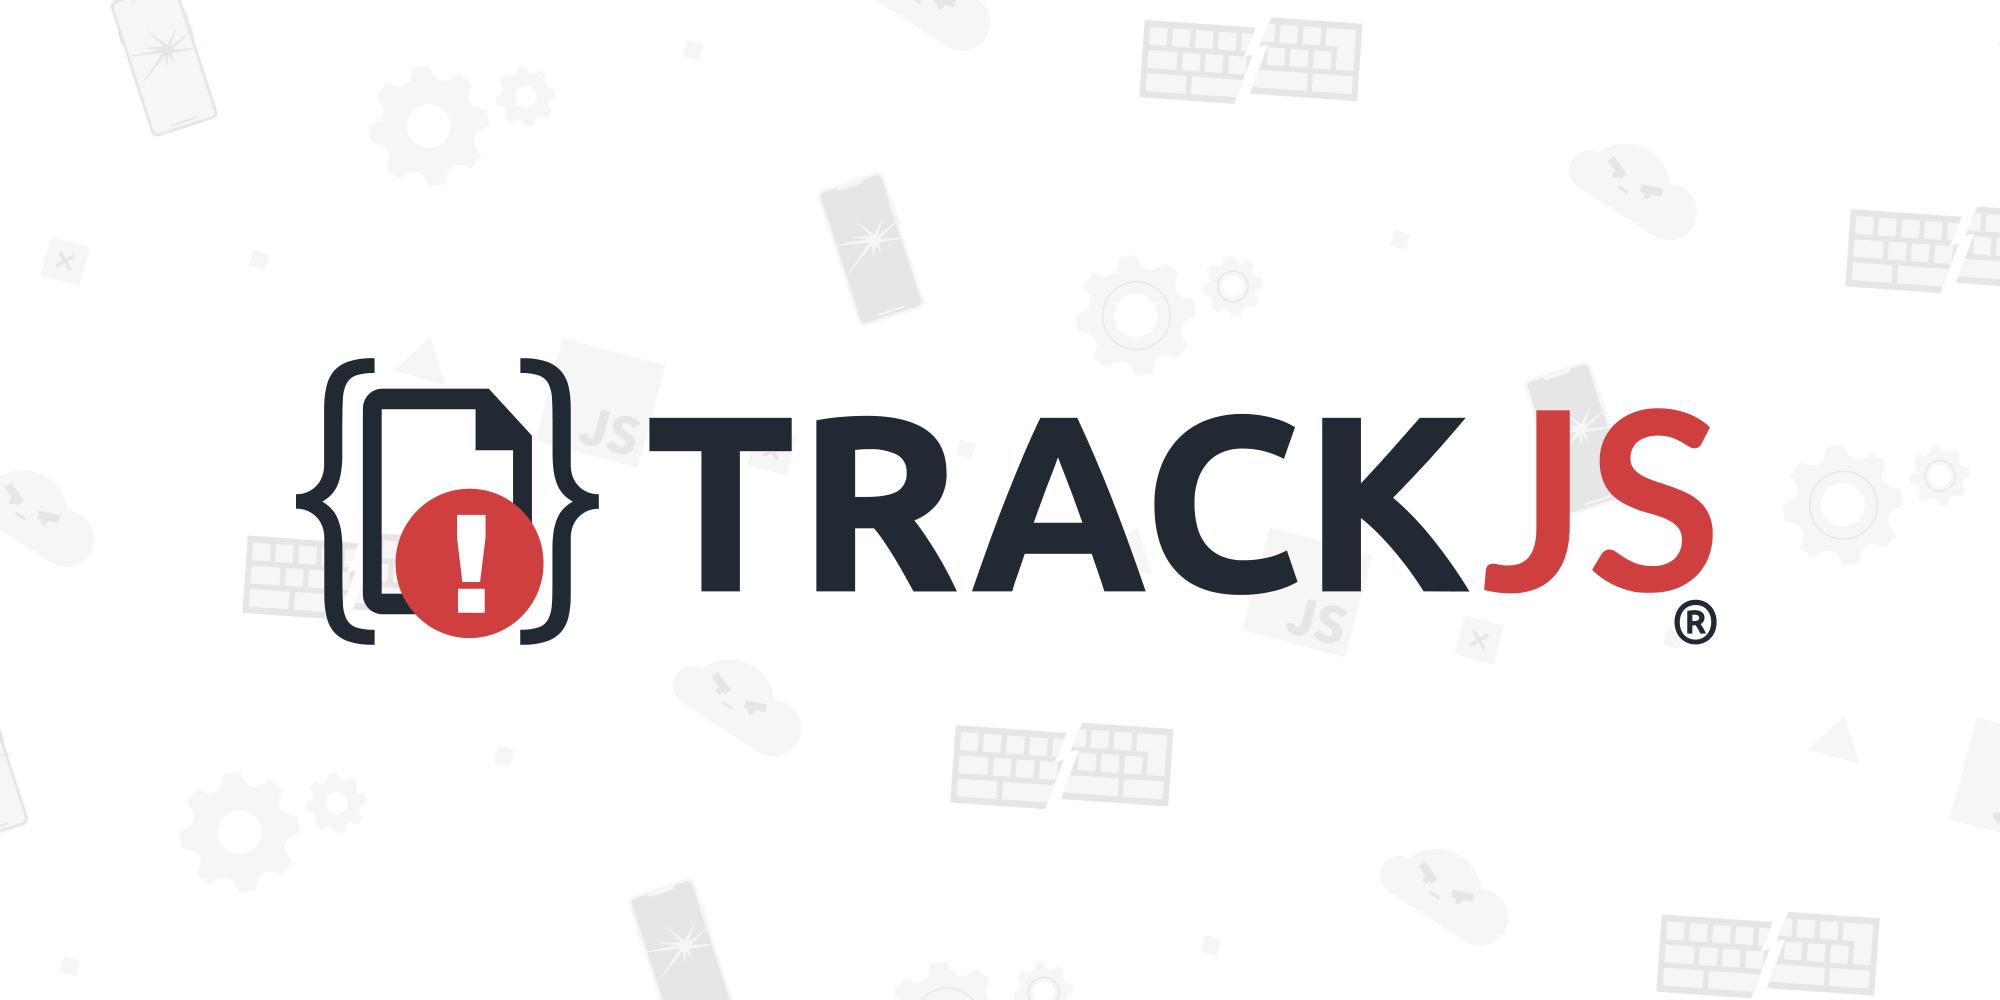 trackjs.com